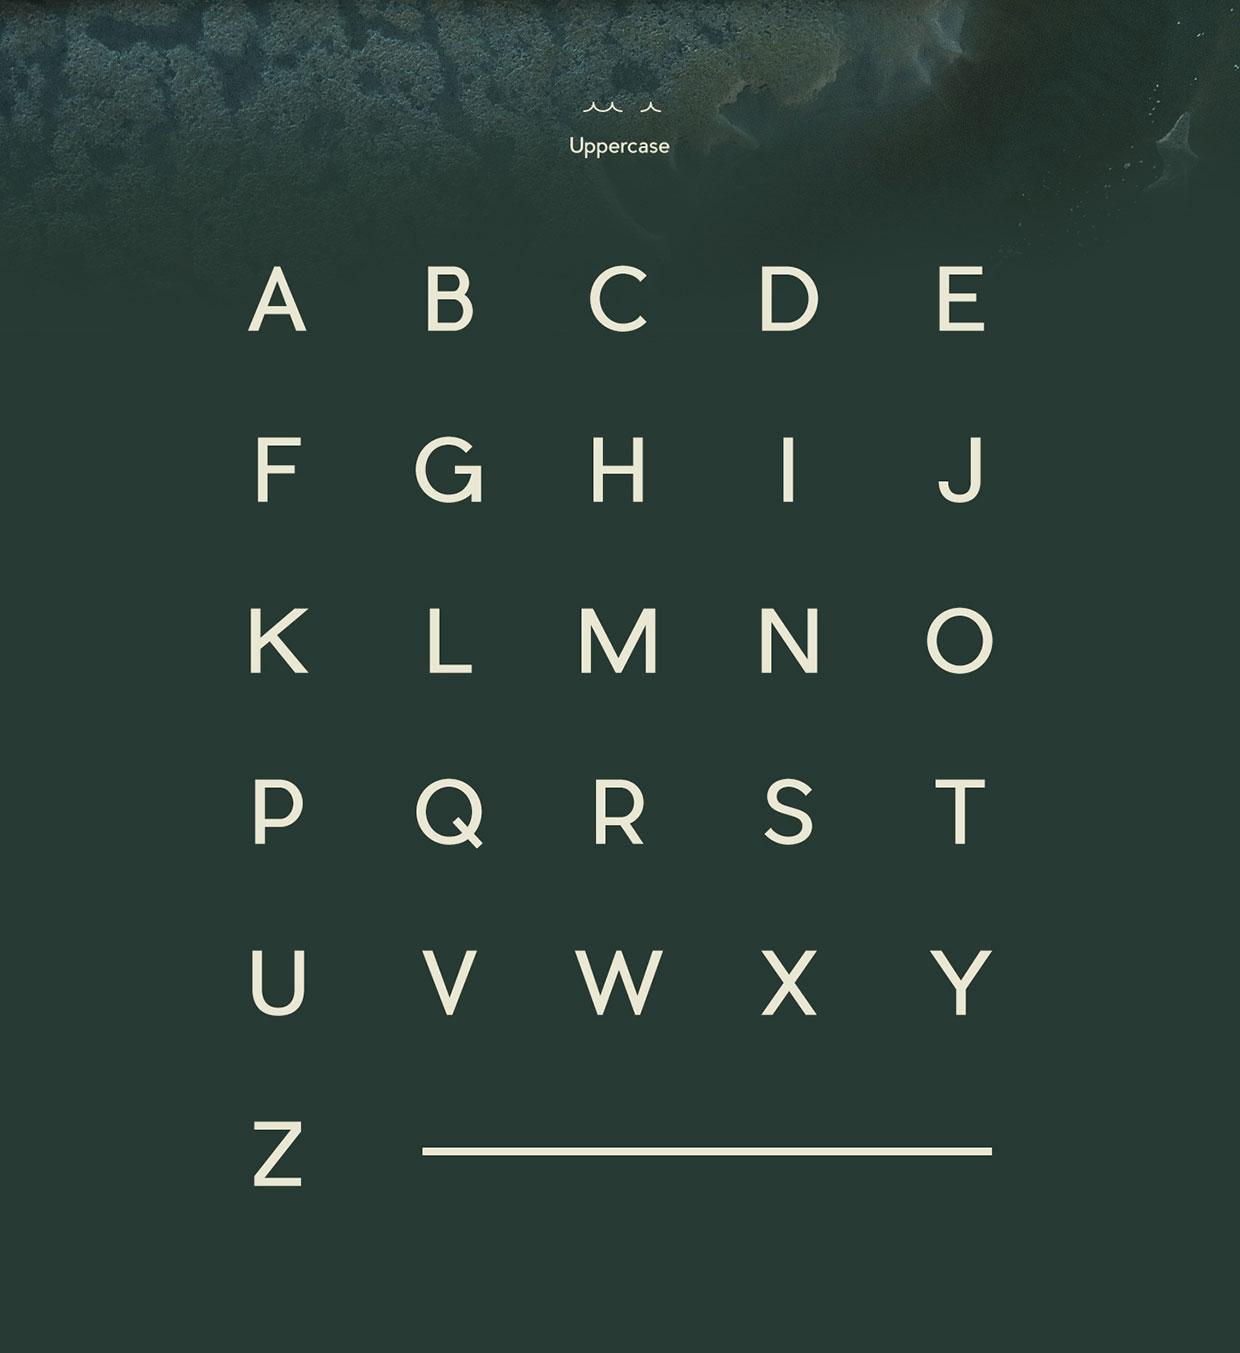 pier-sans-best-free-logo-fonts-032